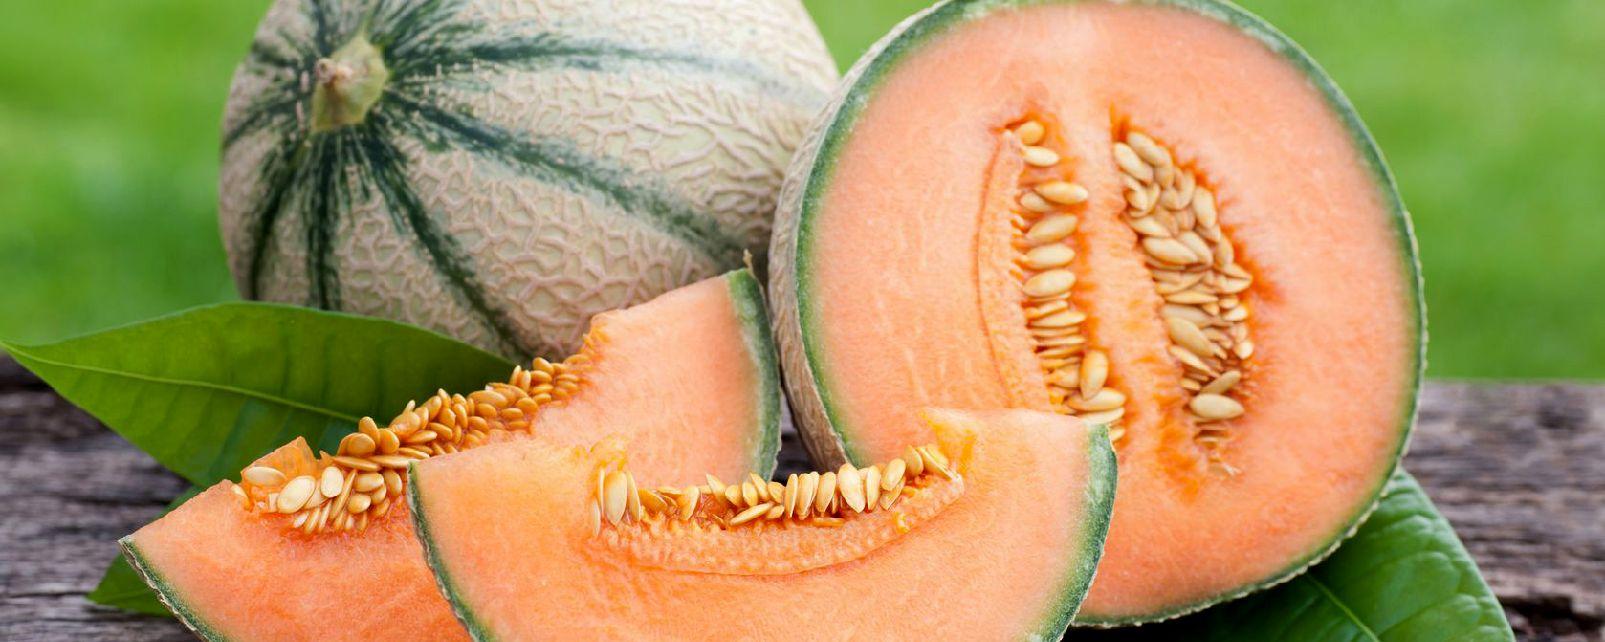 le melon de cavaillon provence alpes c te d 39 azur france. Black Bedroom Furniture Sets. Home Design Ideas